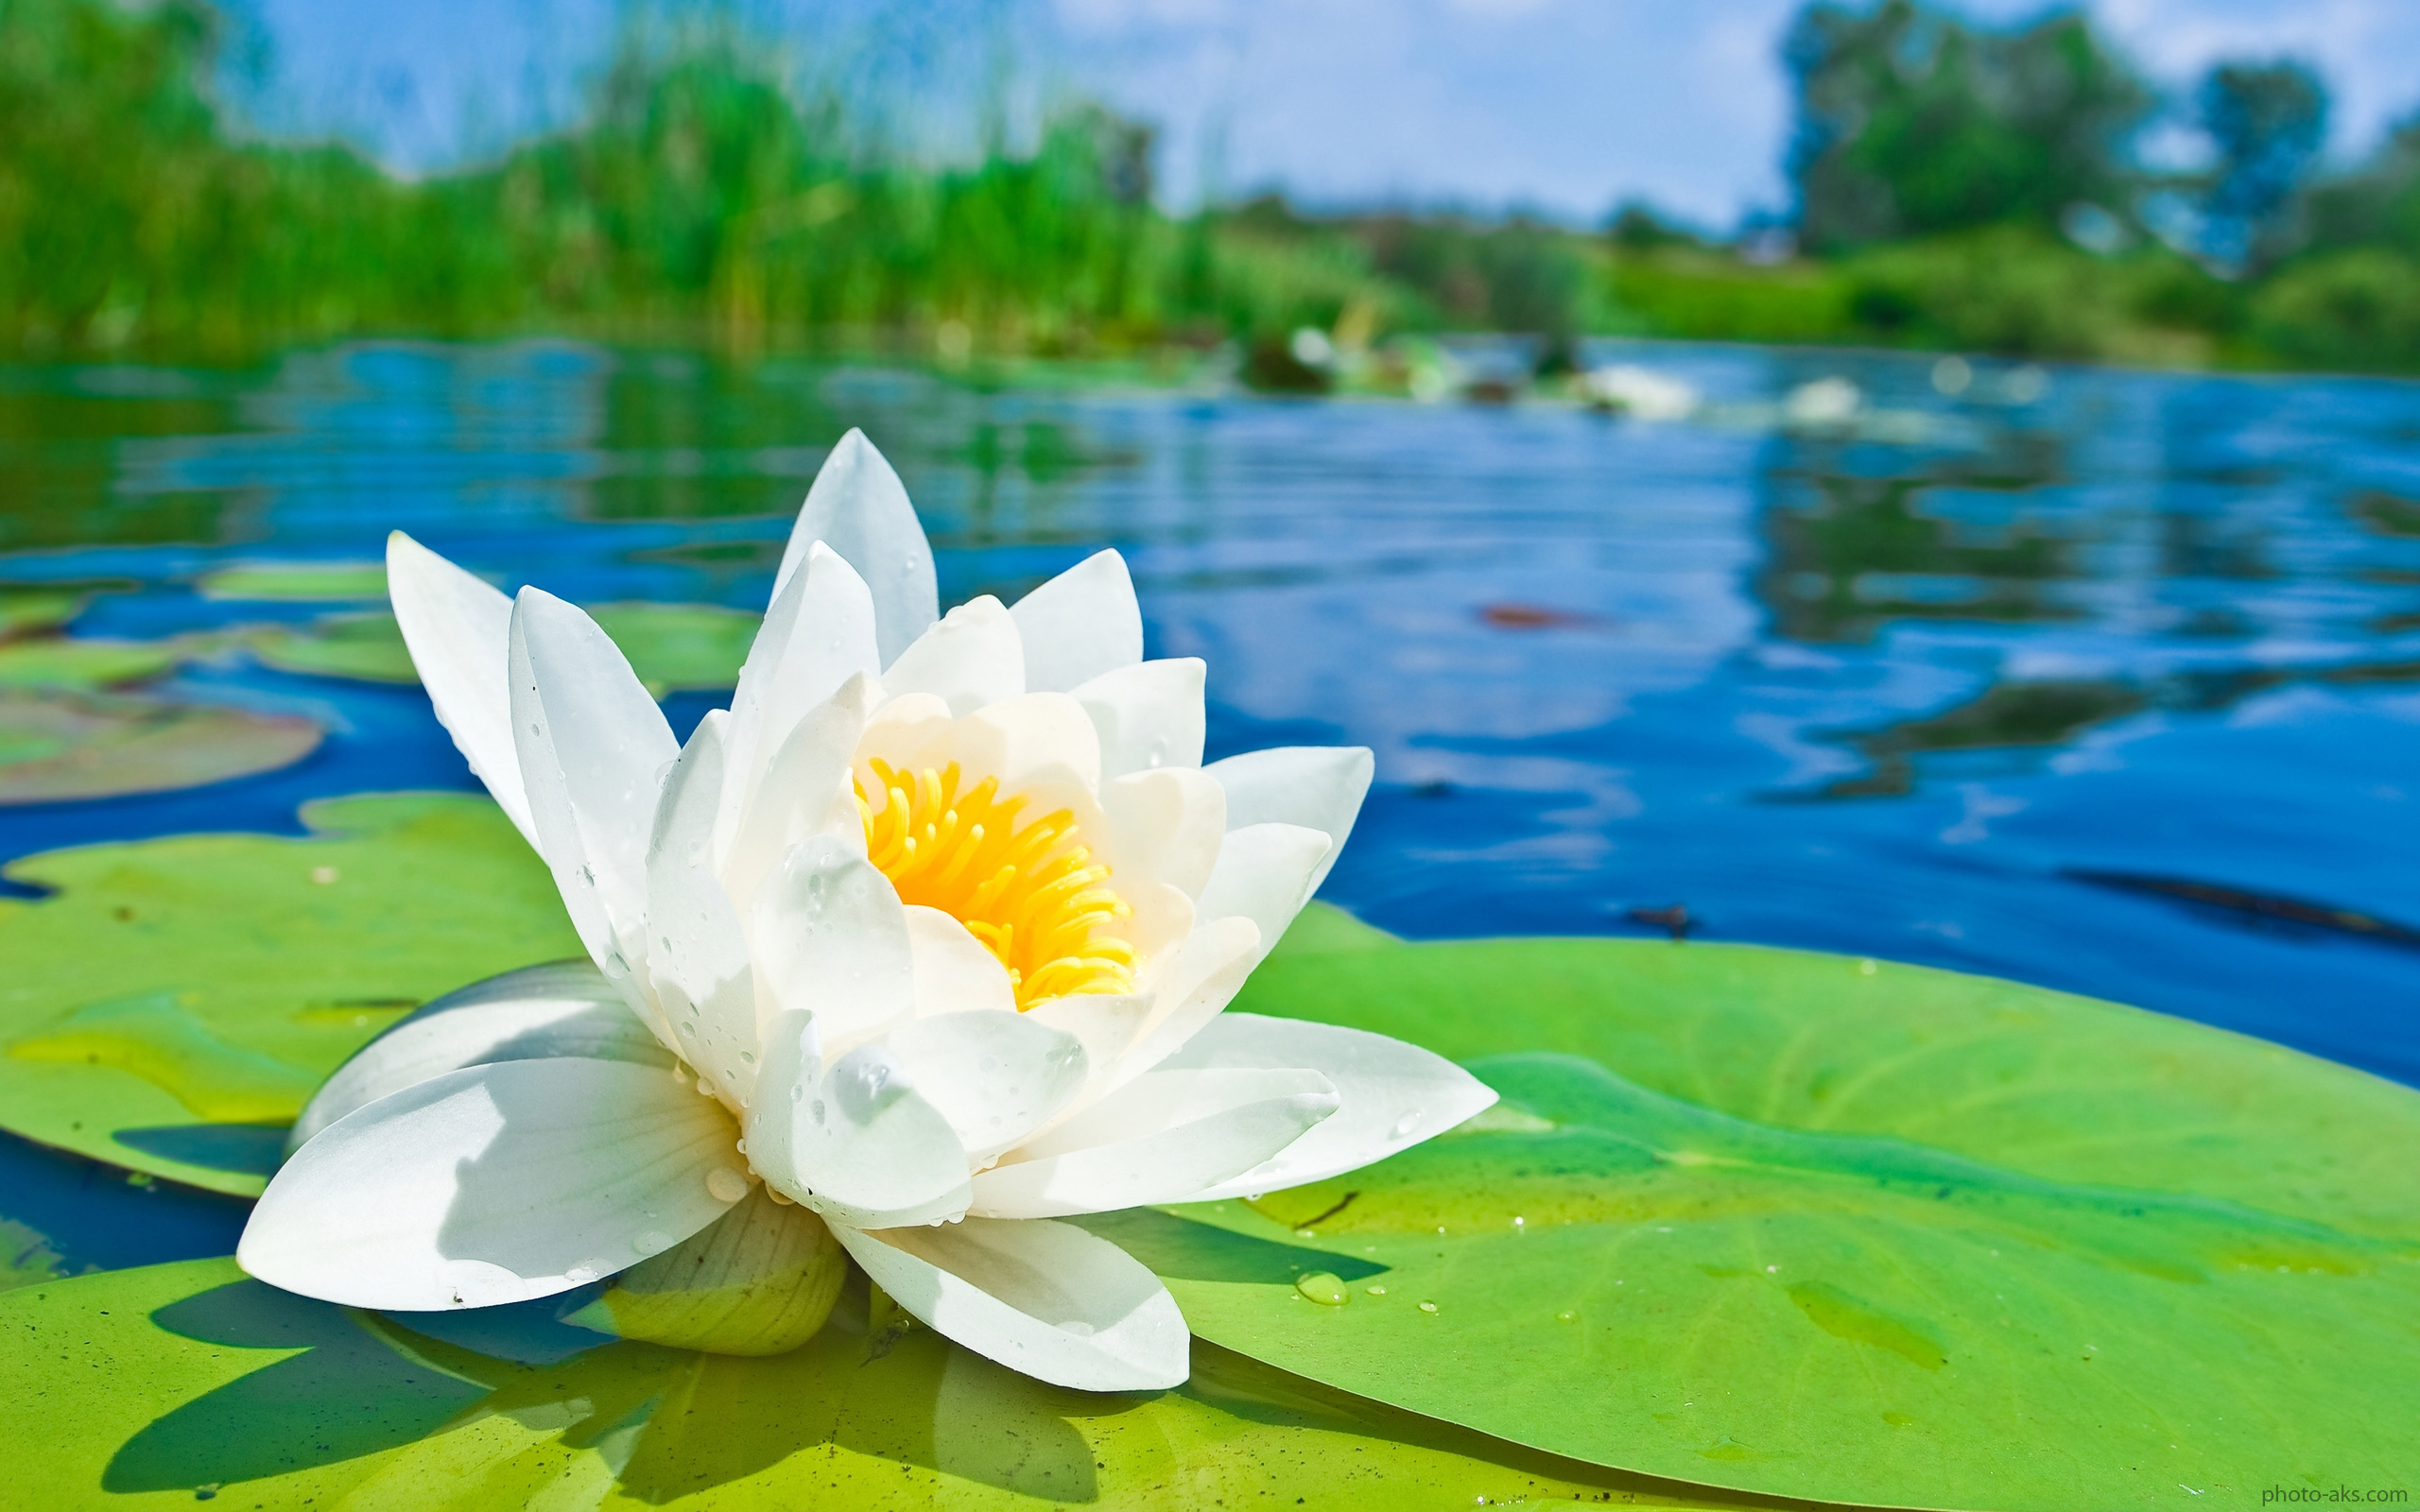 دانلود عکس گل با کیفیت بالا برای پروفایل